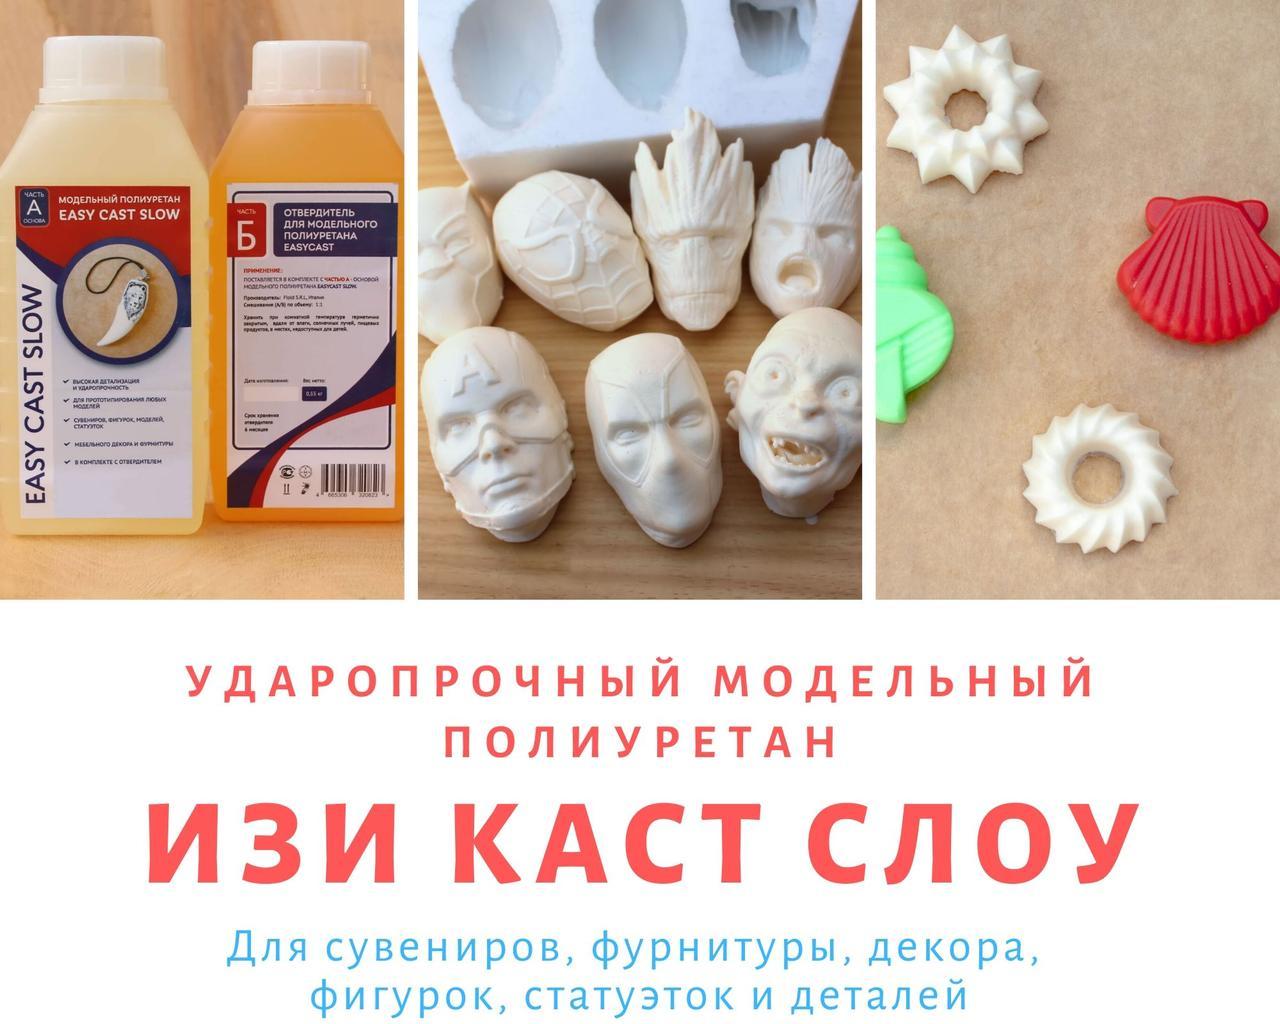 Полиуретановый модельный пластик Изикаст Слоу EasyCast Slow (0,5кг+0,55кг) белый